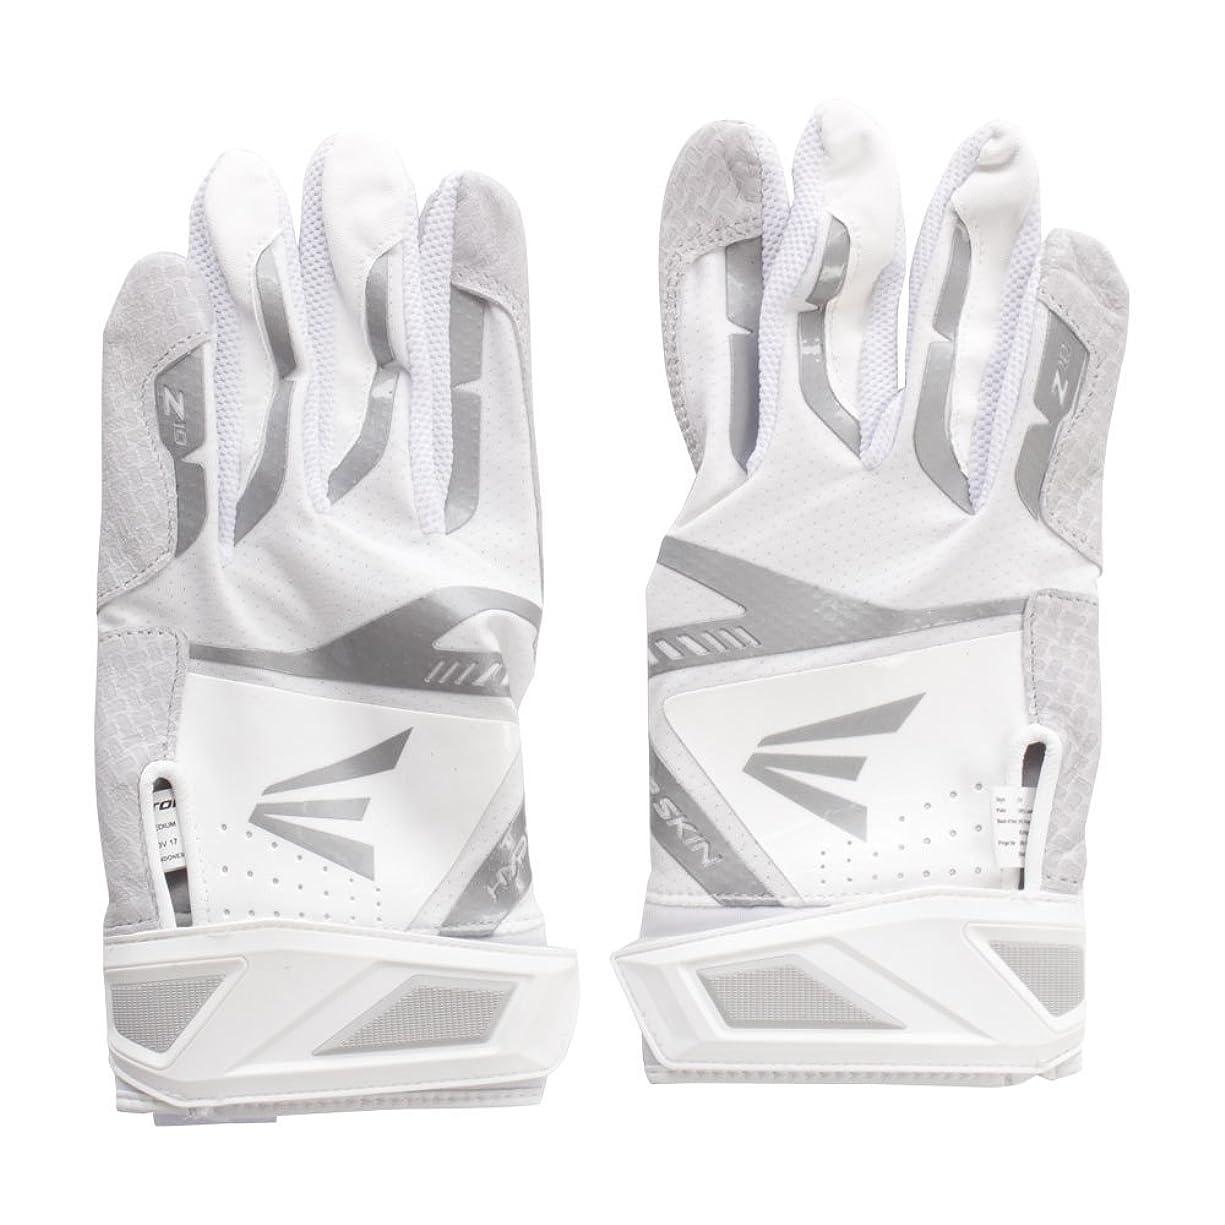 古くなった肯定的臭いEASTON(イーストン) バッティンググローブ 手袋 一般用 Z10 BTG18Z10WHSV ホワイト/シルバー